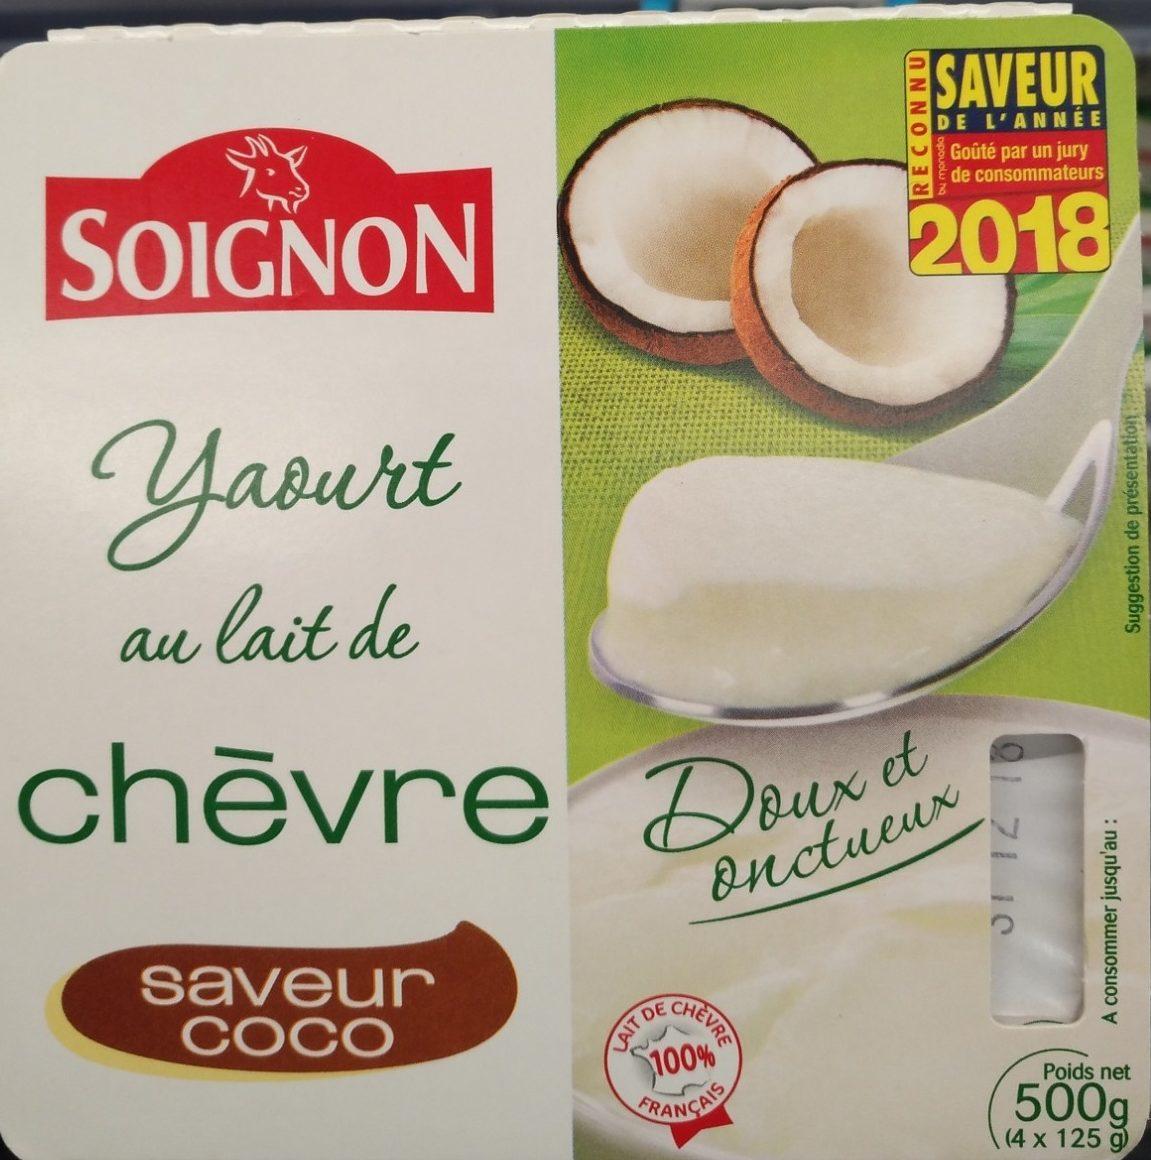 Yaourt au lait de chèvre saveur coco - Product